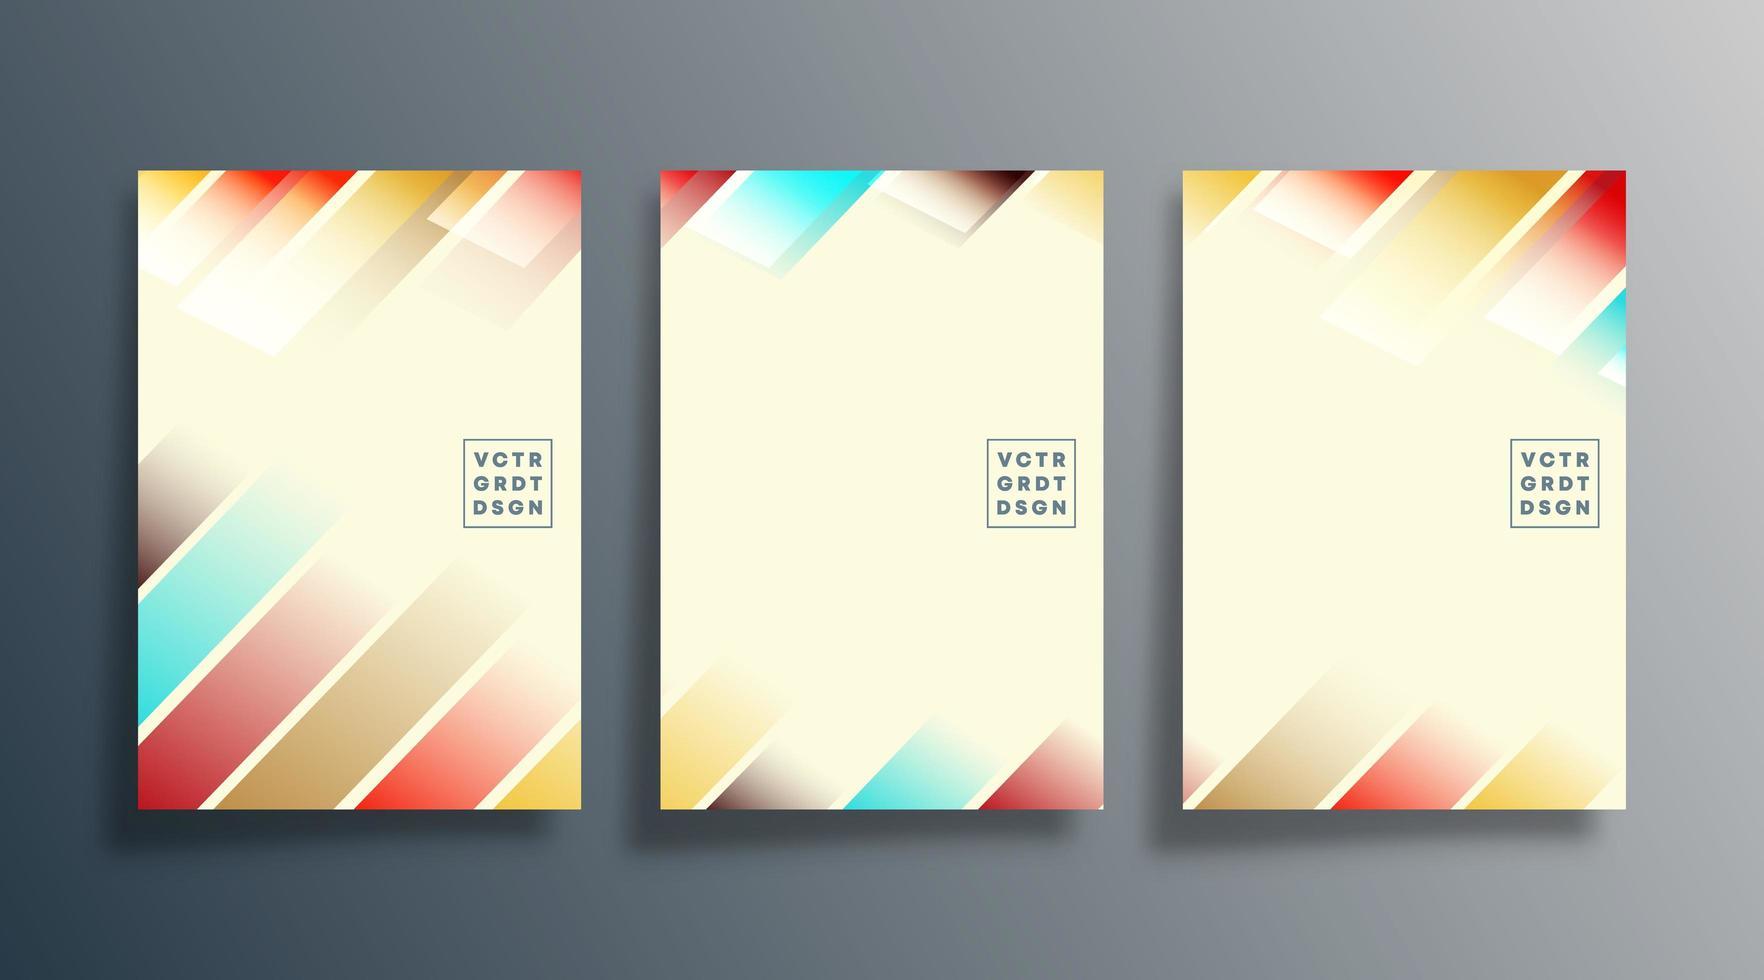 Verlaufsstreifen-Design für Flyer, Poster, Broschüre vektor